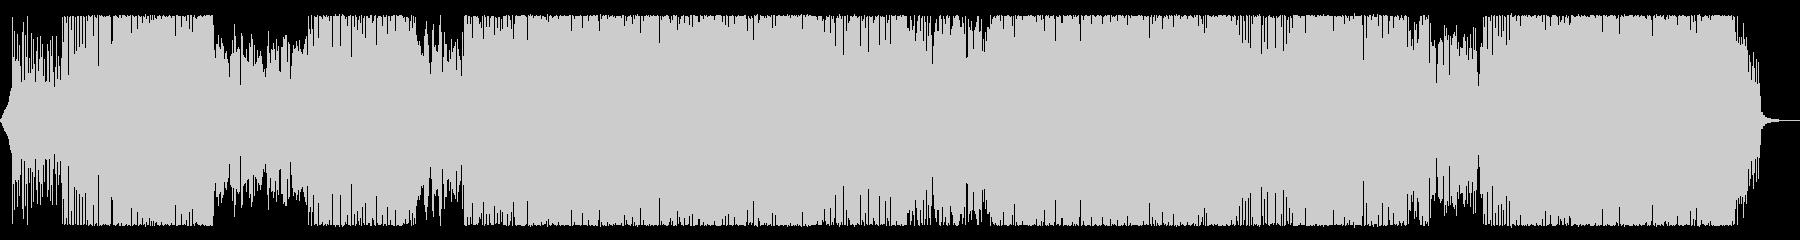 キラキラ切ないエレクトロの未再生の波形